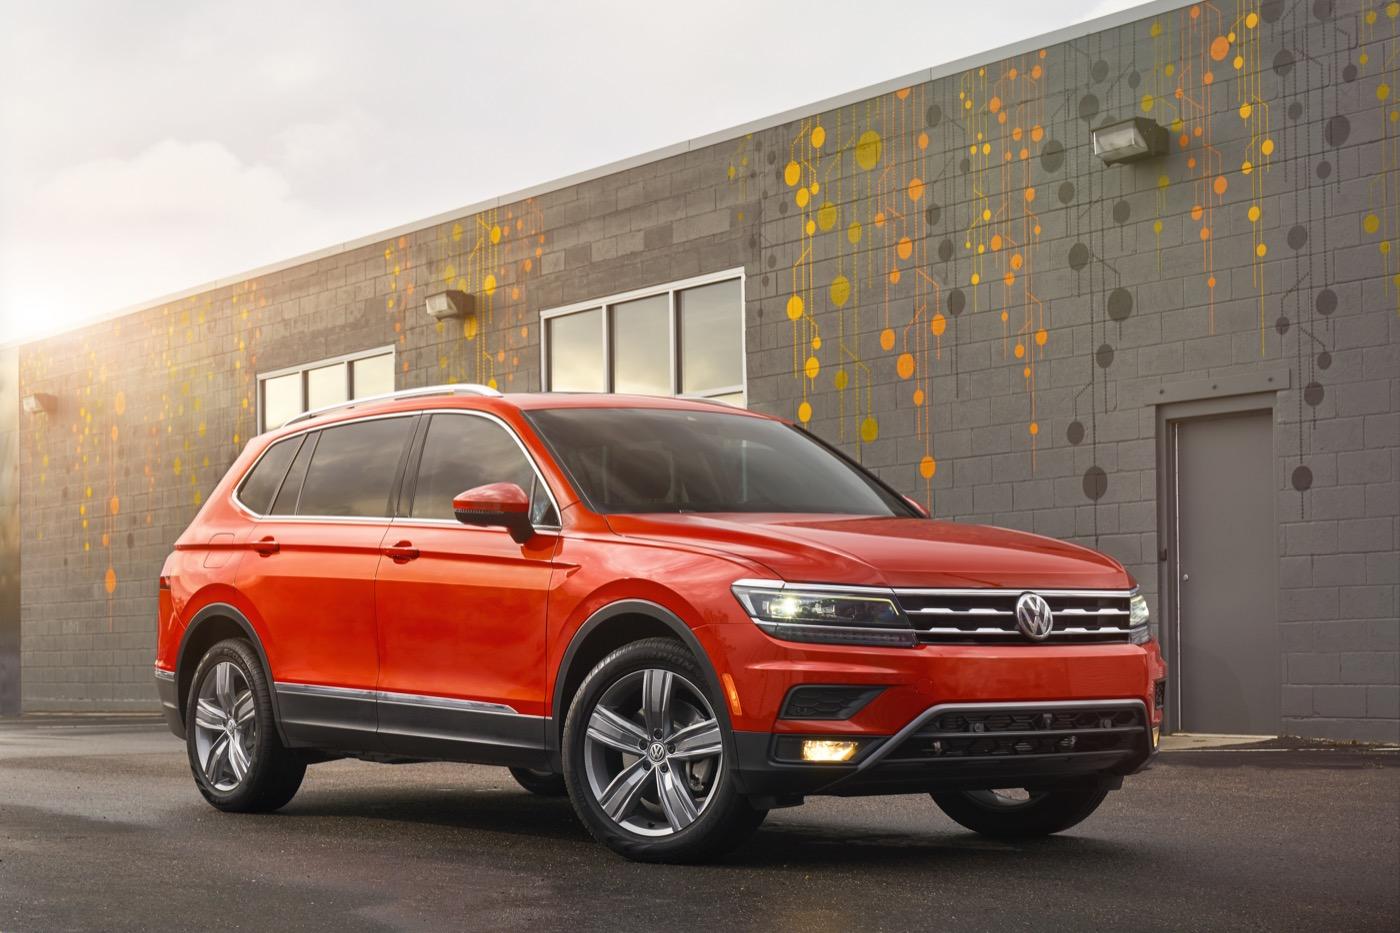 2018 Volkswagen Tiguan Priced От $ 26,245, Третья линейка стоит 500 раз больше, чем Challenger Demon's Second Row